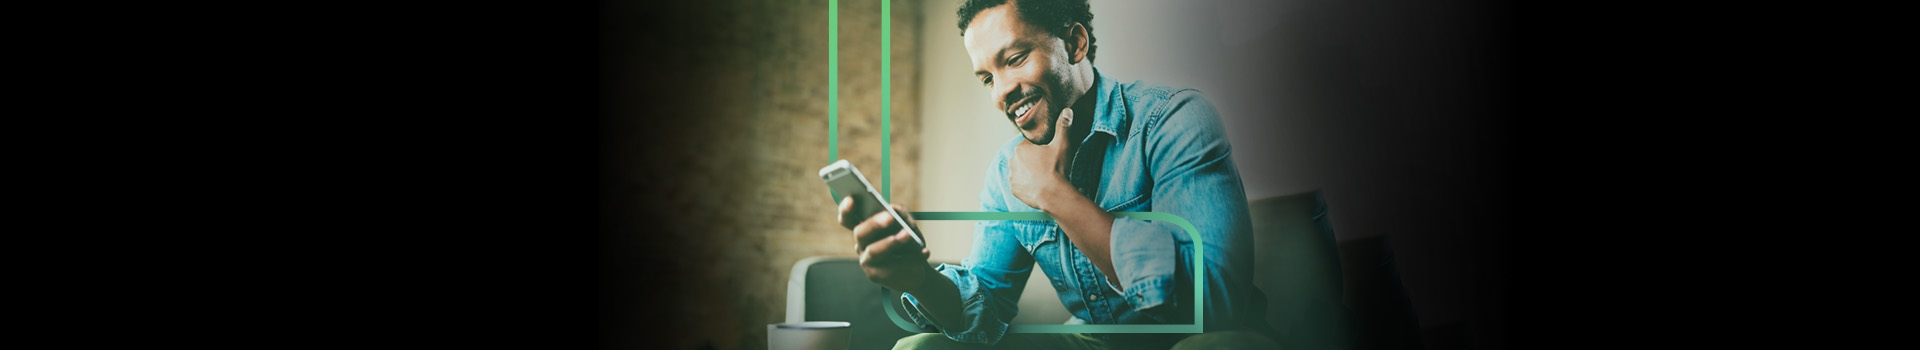 Homem sentado com celular na mão visualizando o app Estapar